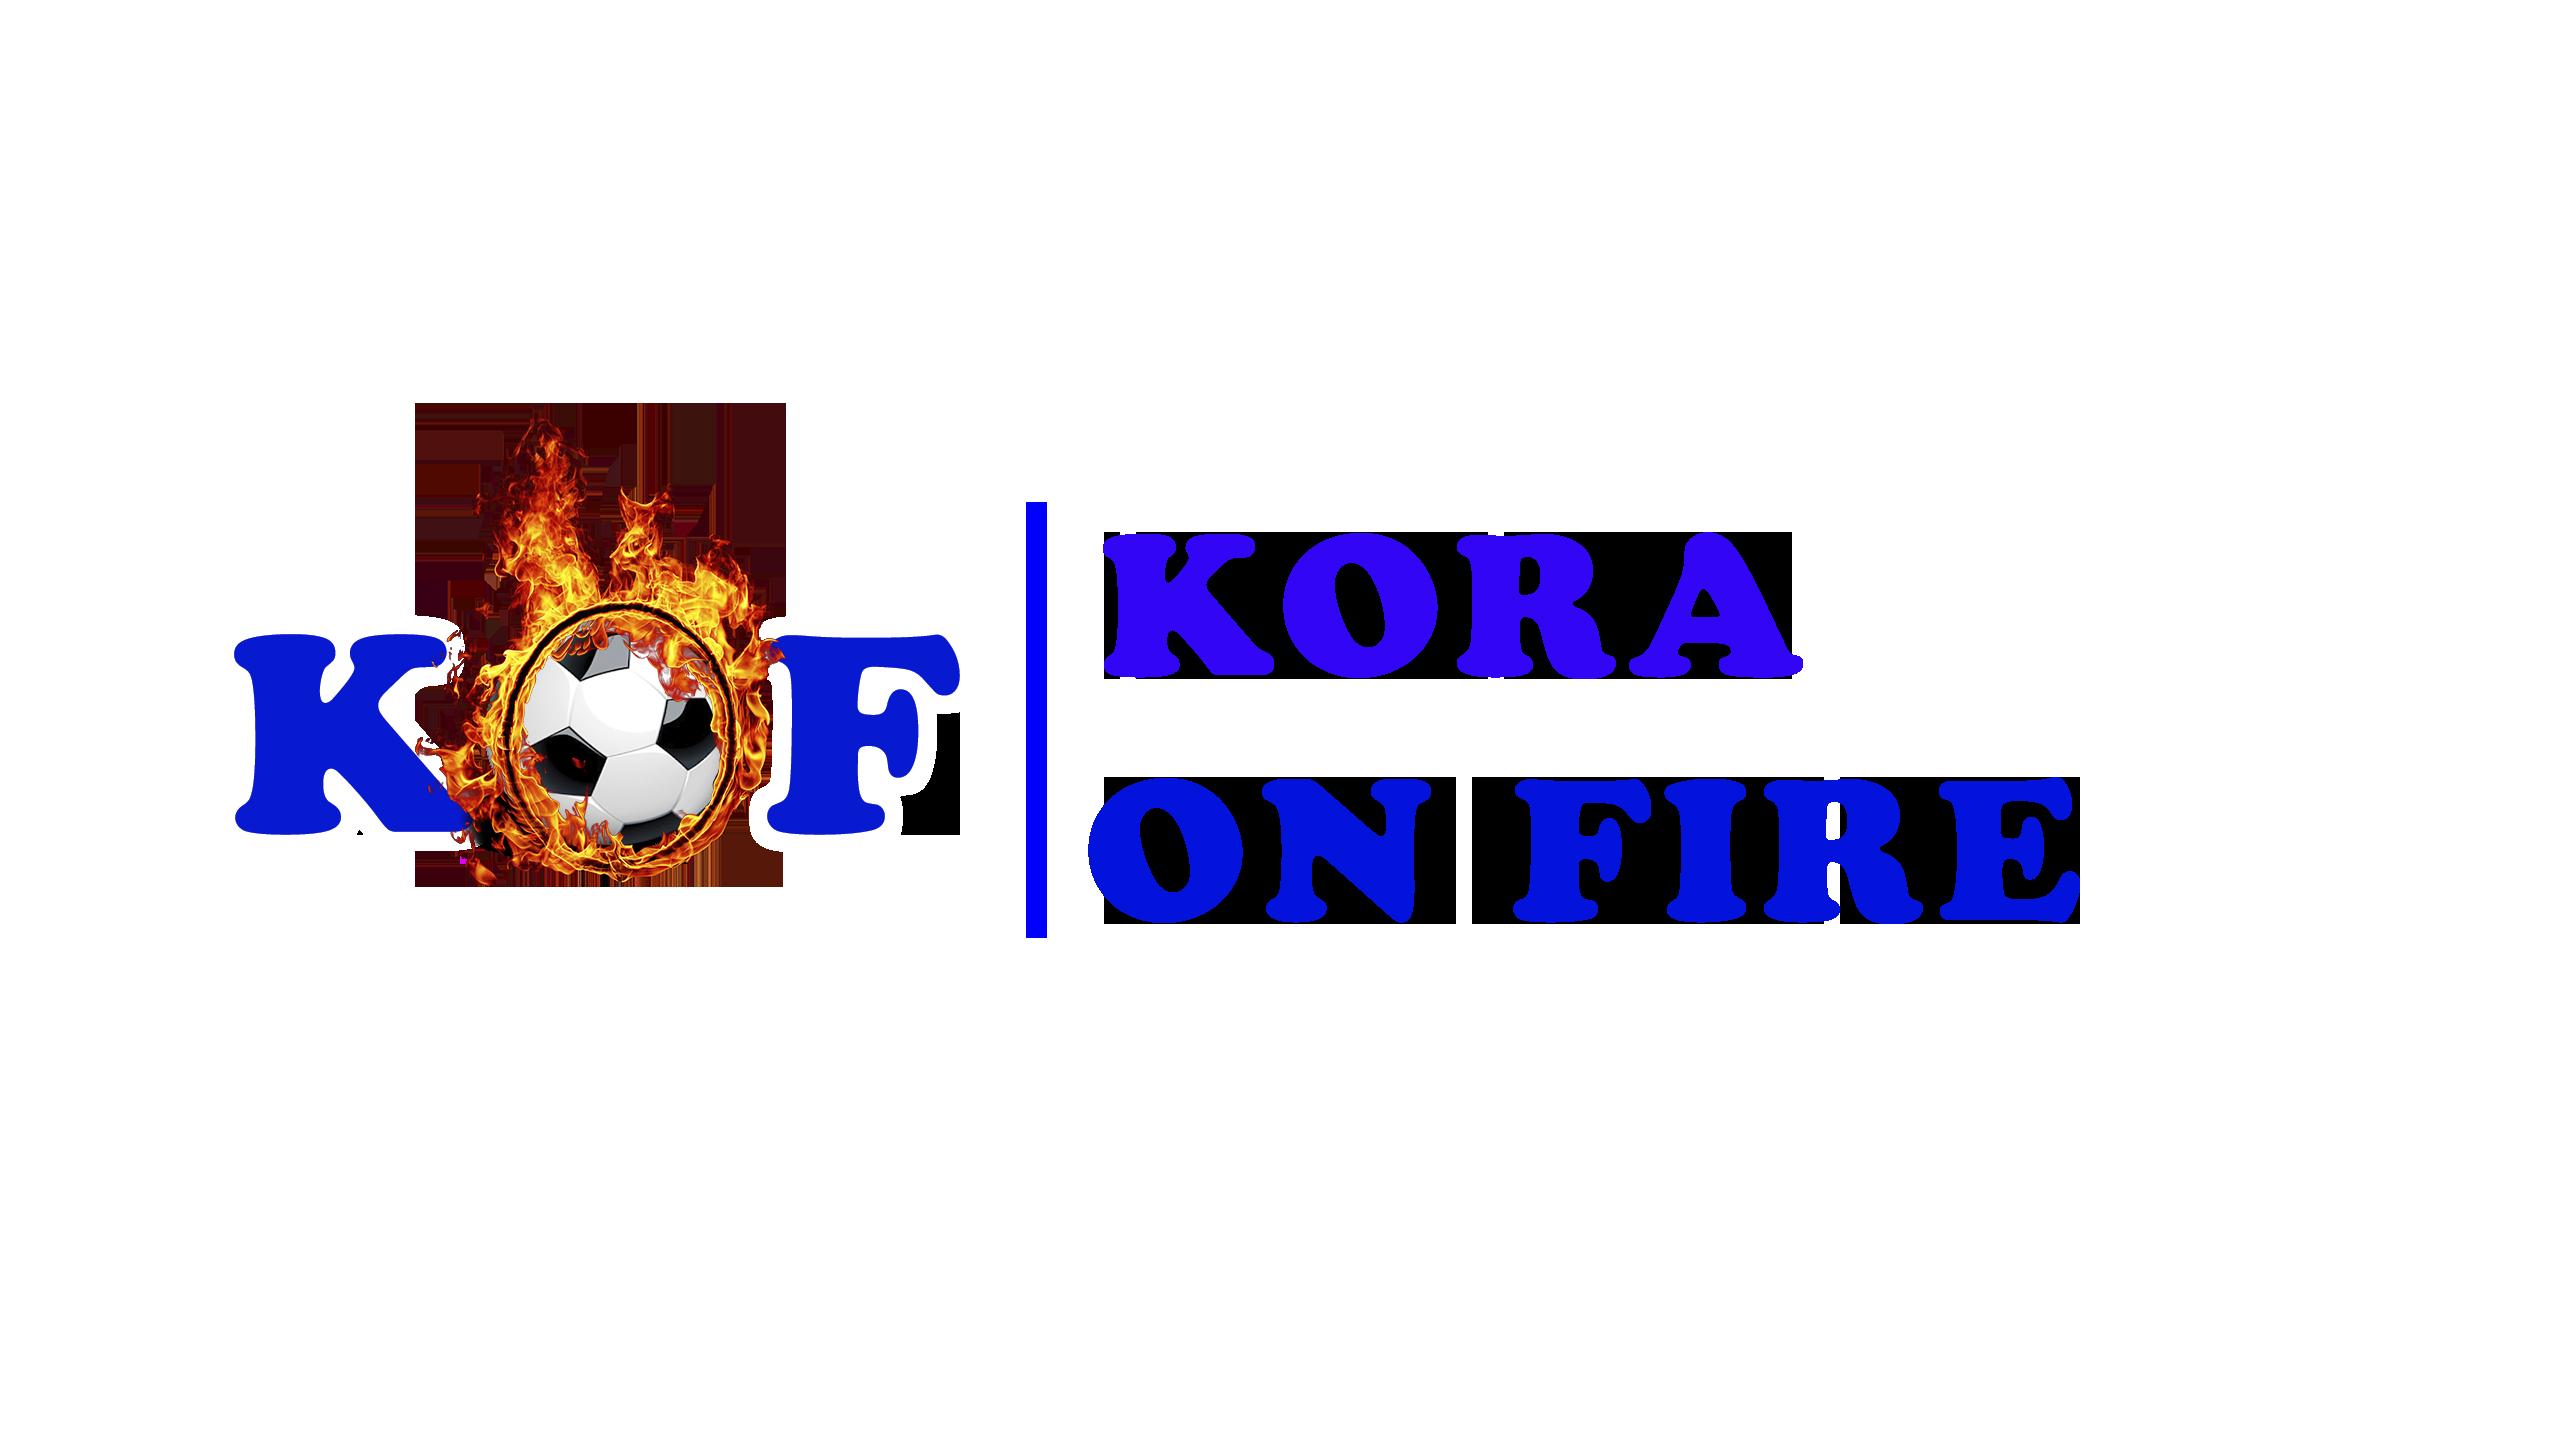 KORA ON FIRE